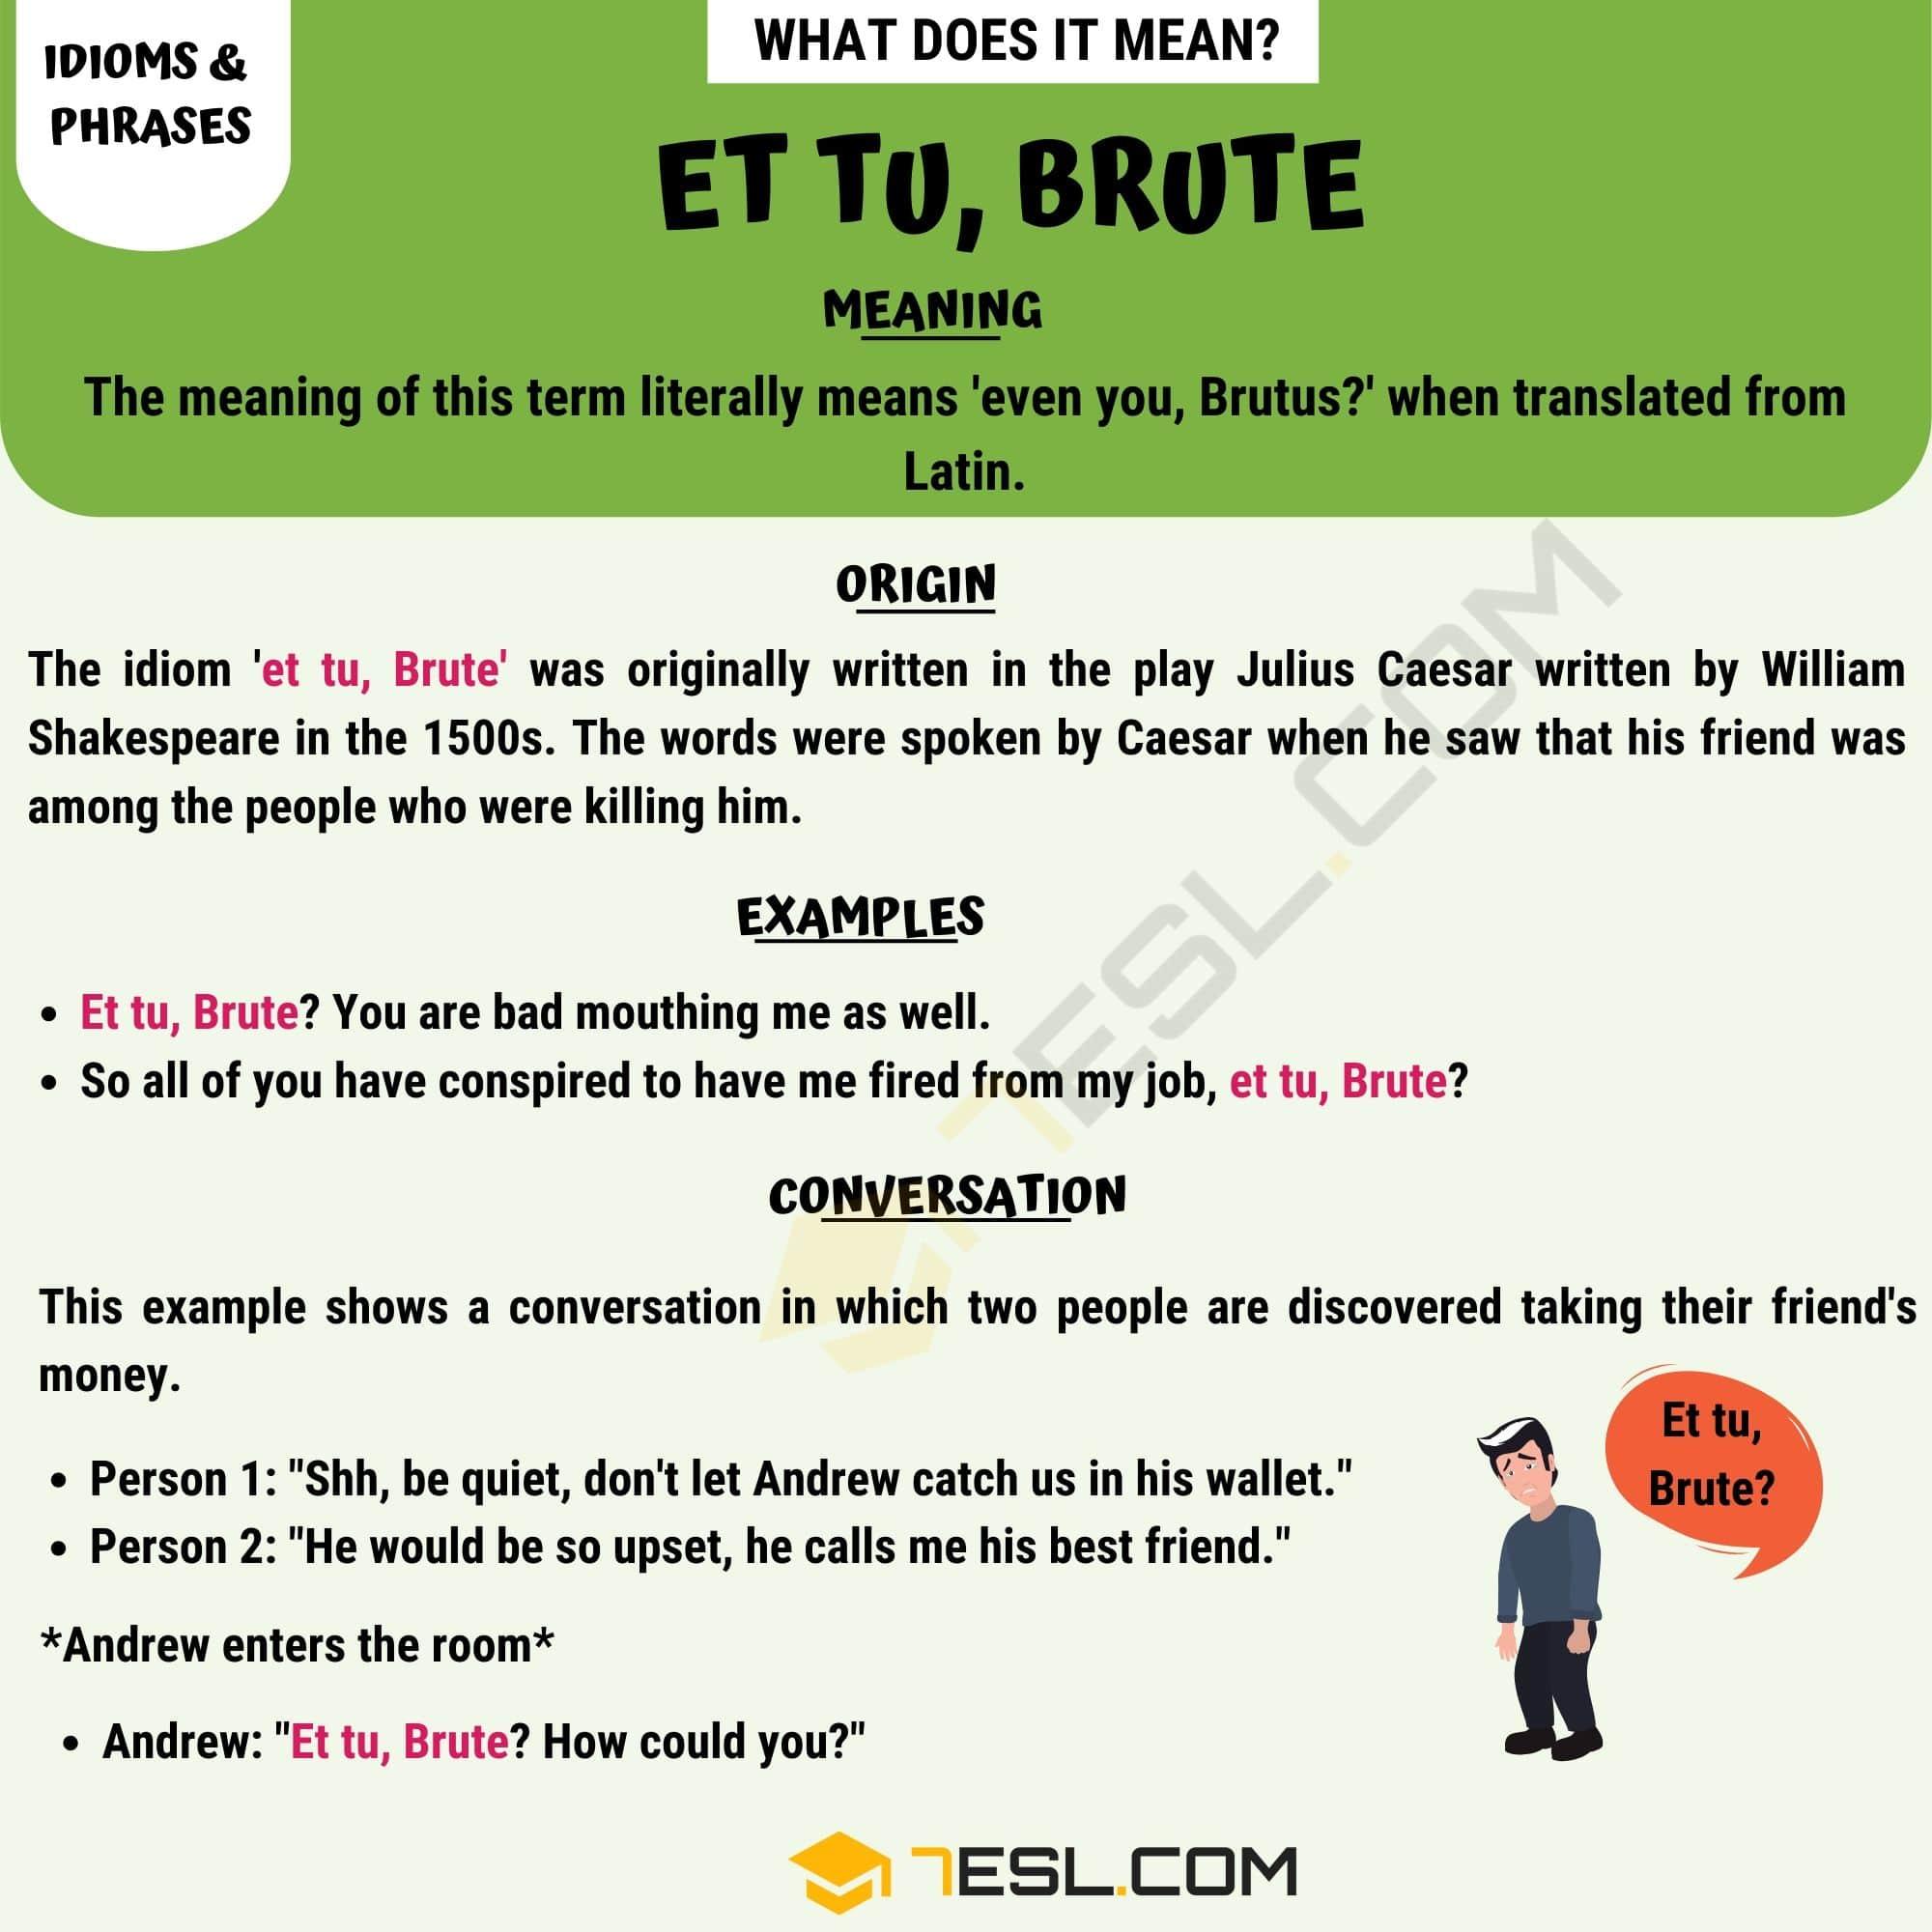 Et tu, Brute